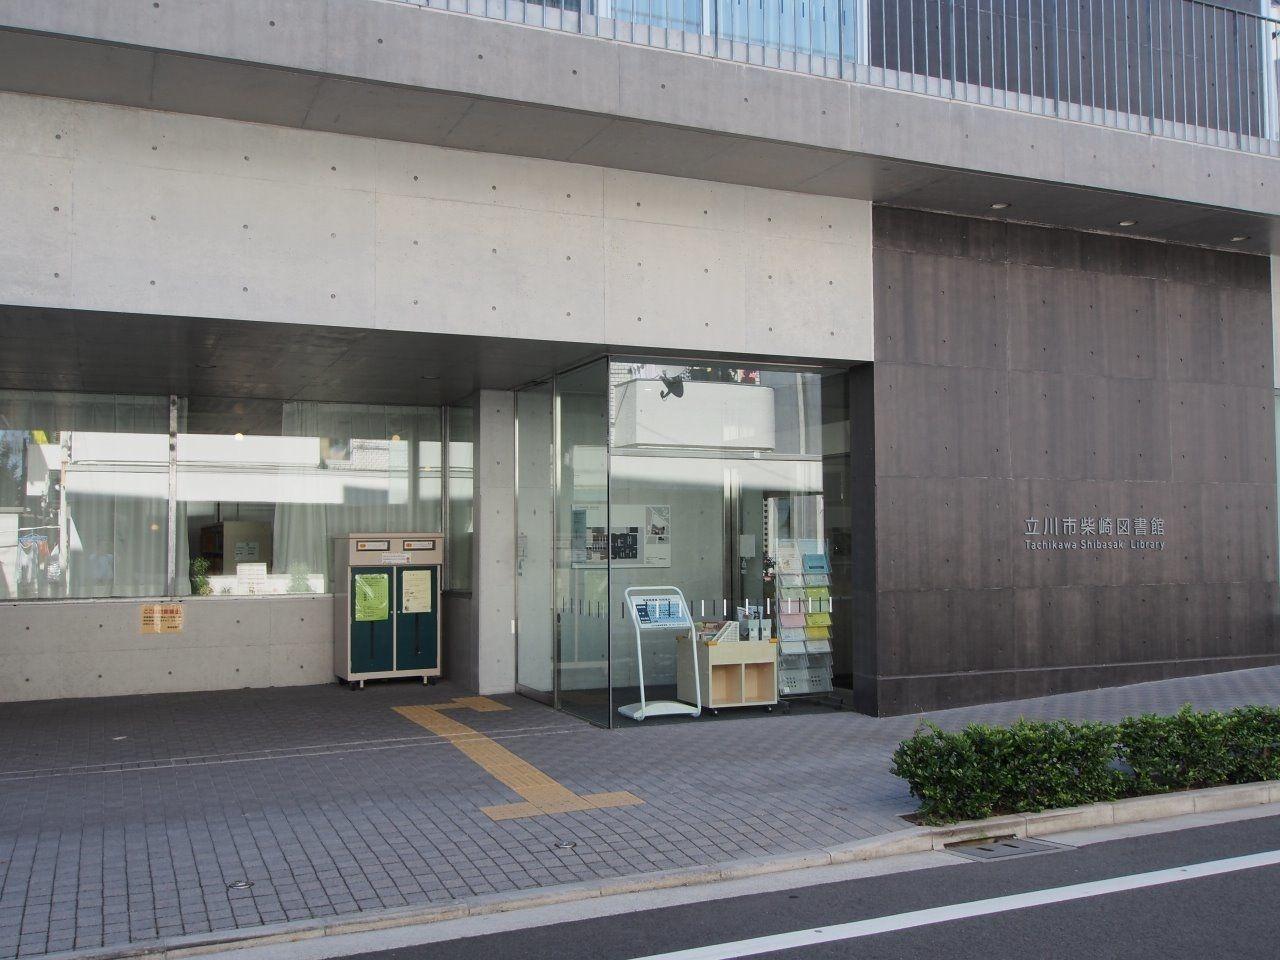 第一小学校と同じ建物内にある、市立の図書館。